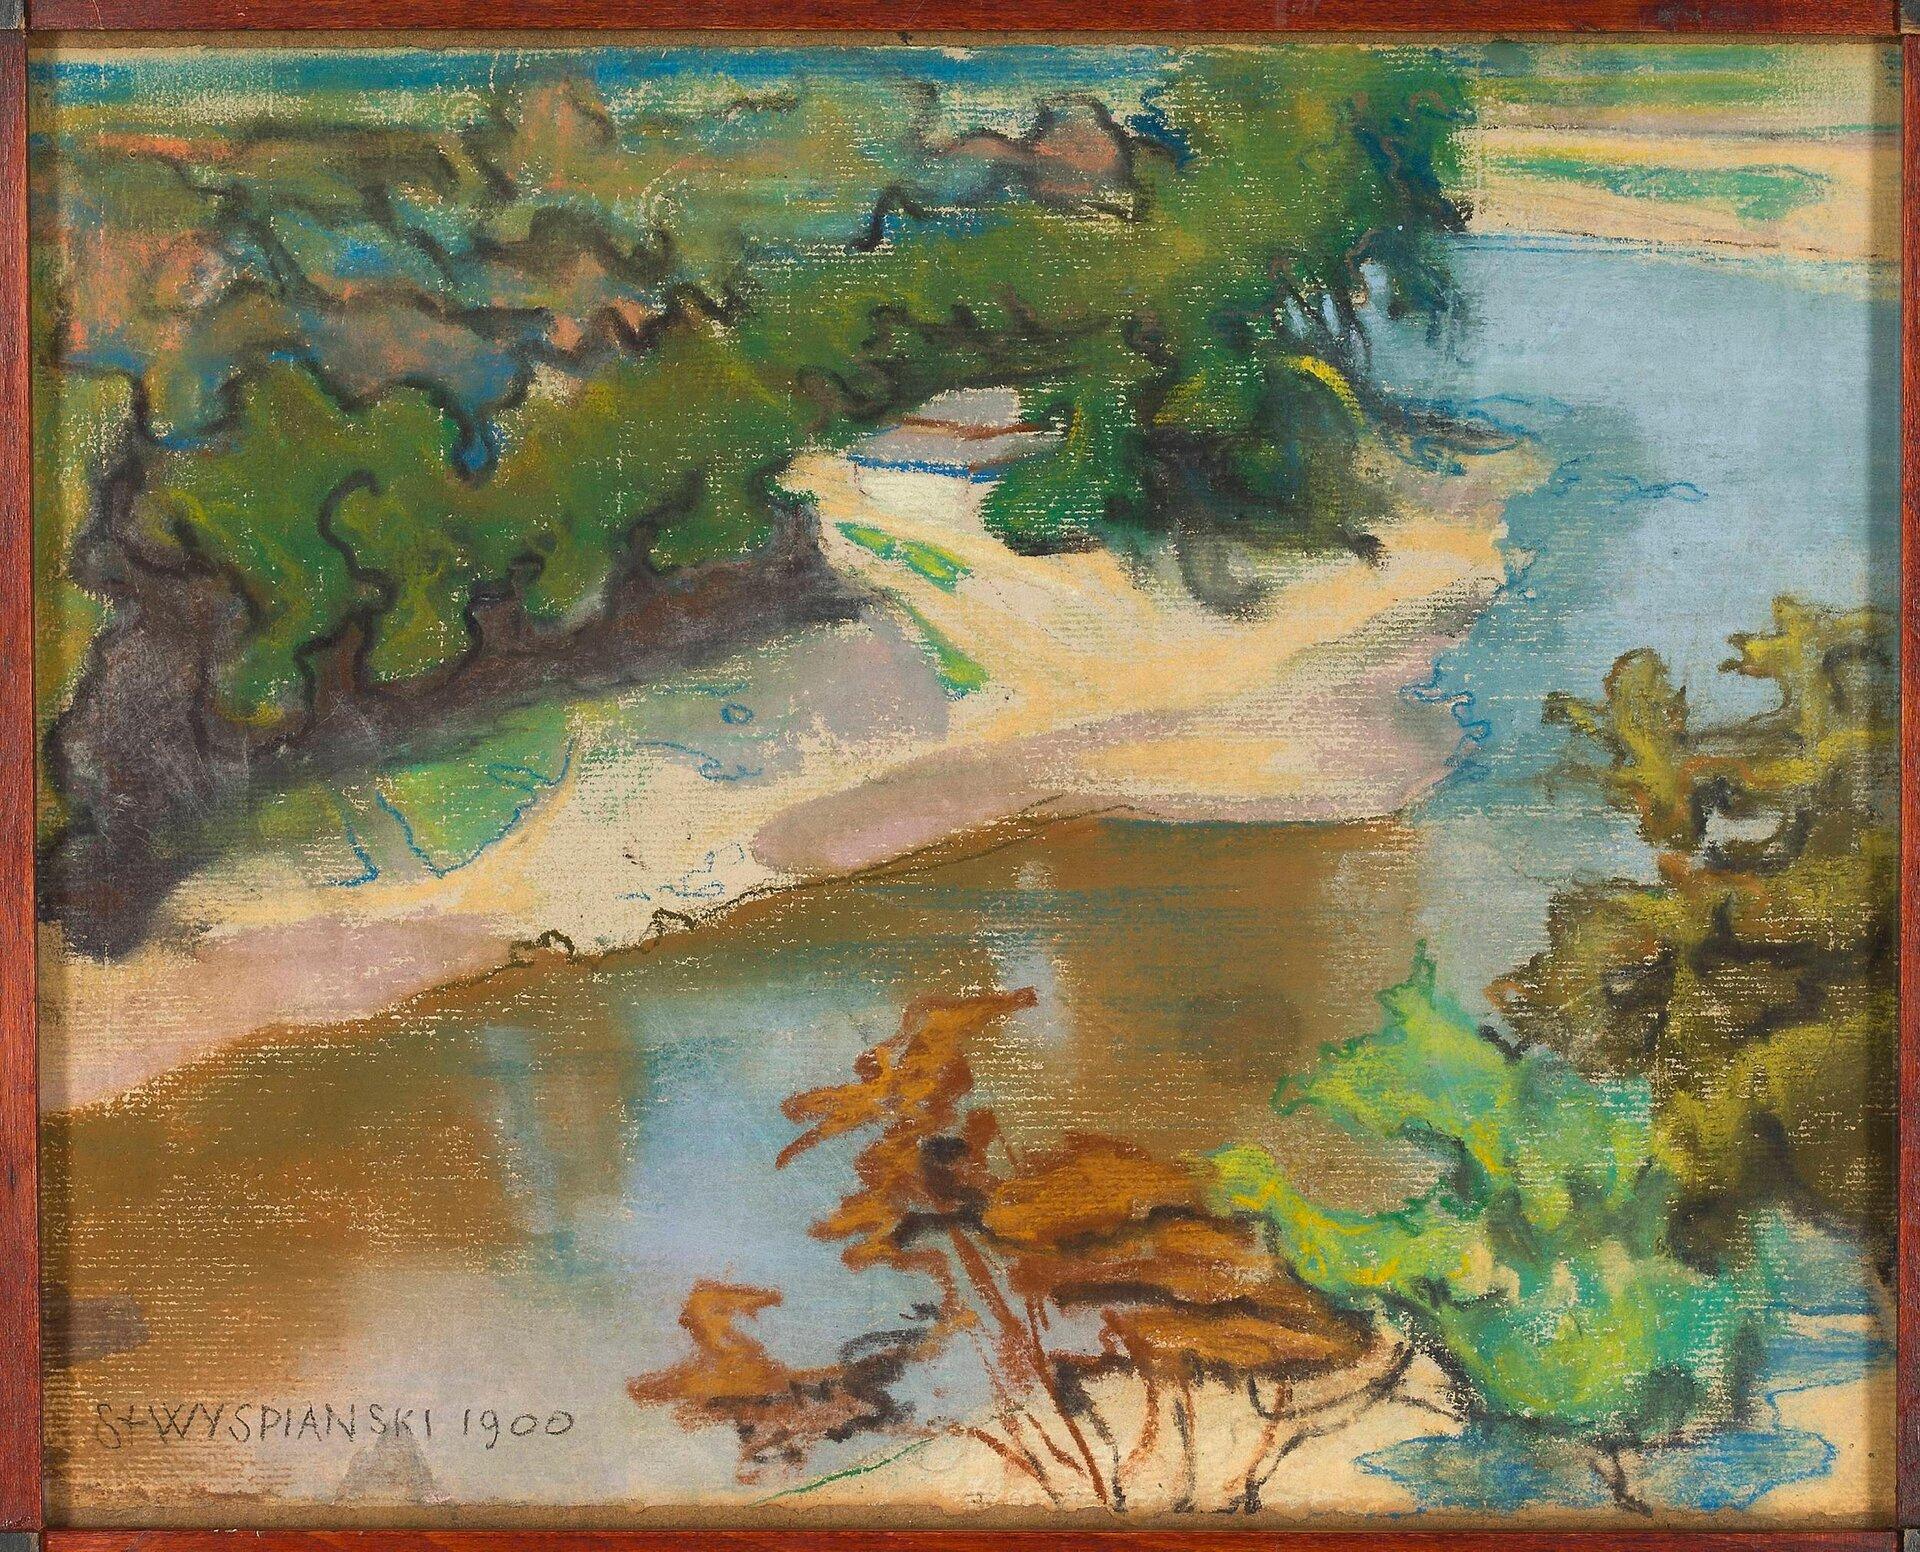 """Ilustracja przedstawia obraz """"Pejzaż zrzeką"""" autorstwa Stanisława Wyspiańskiego. Dzieło ukazuje krajobraz zzakolem rzeki, nad której piaszczystymi brzegami wznosi się roślinność. Kadr obrazu kończy się przed linią horyzontu, błękitne niebo ukazane jest jedynie wodbiciu wody. Artysta przy pomocy różnych środków artystycznych takich jak: zróżnicowana plama barwna, przecierka, delikatna linia konturu, stara się odzwierciedlić naturę. Wykonana techniką pasteli na papierze kompozycja utrzymana jest wciepłej tonacji. Dominującymi barwami są zieleń, beż ibłękit."""